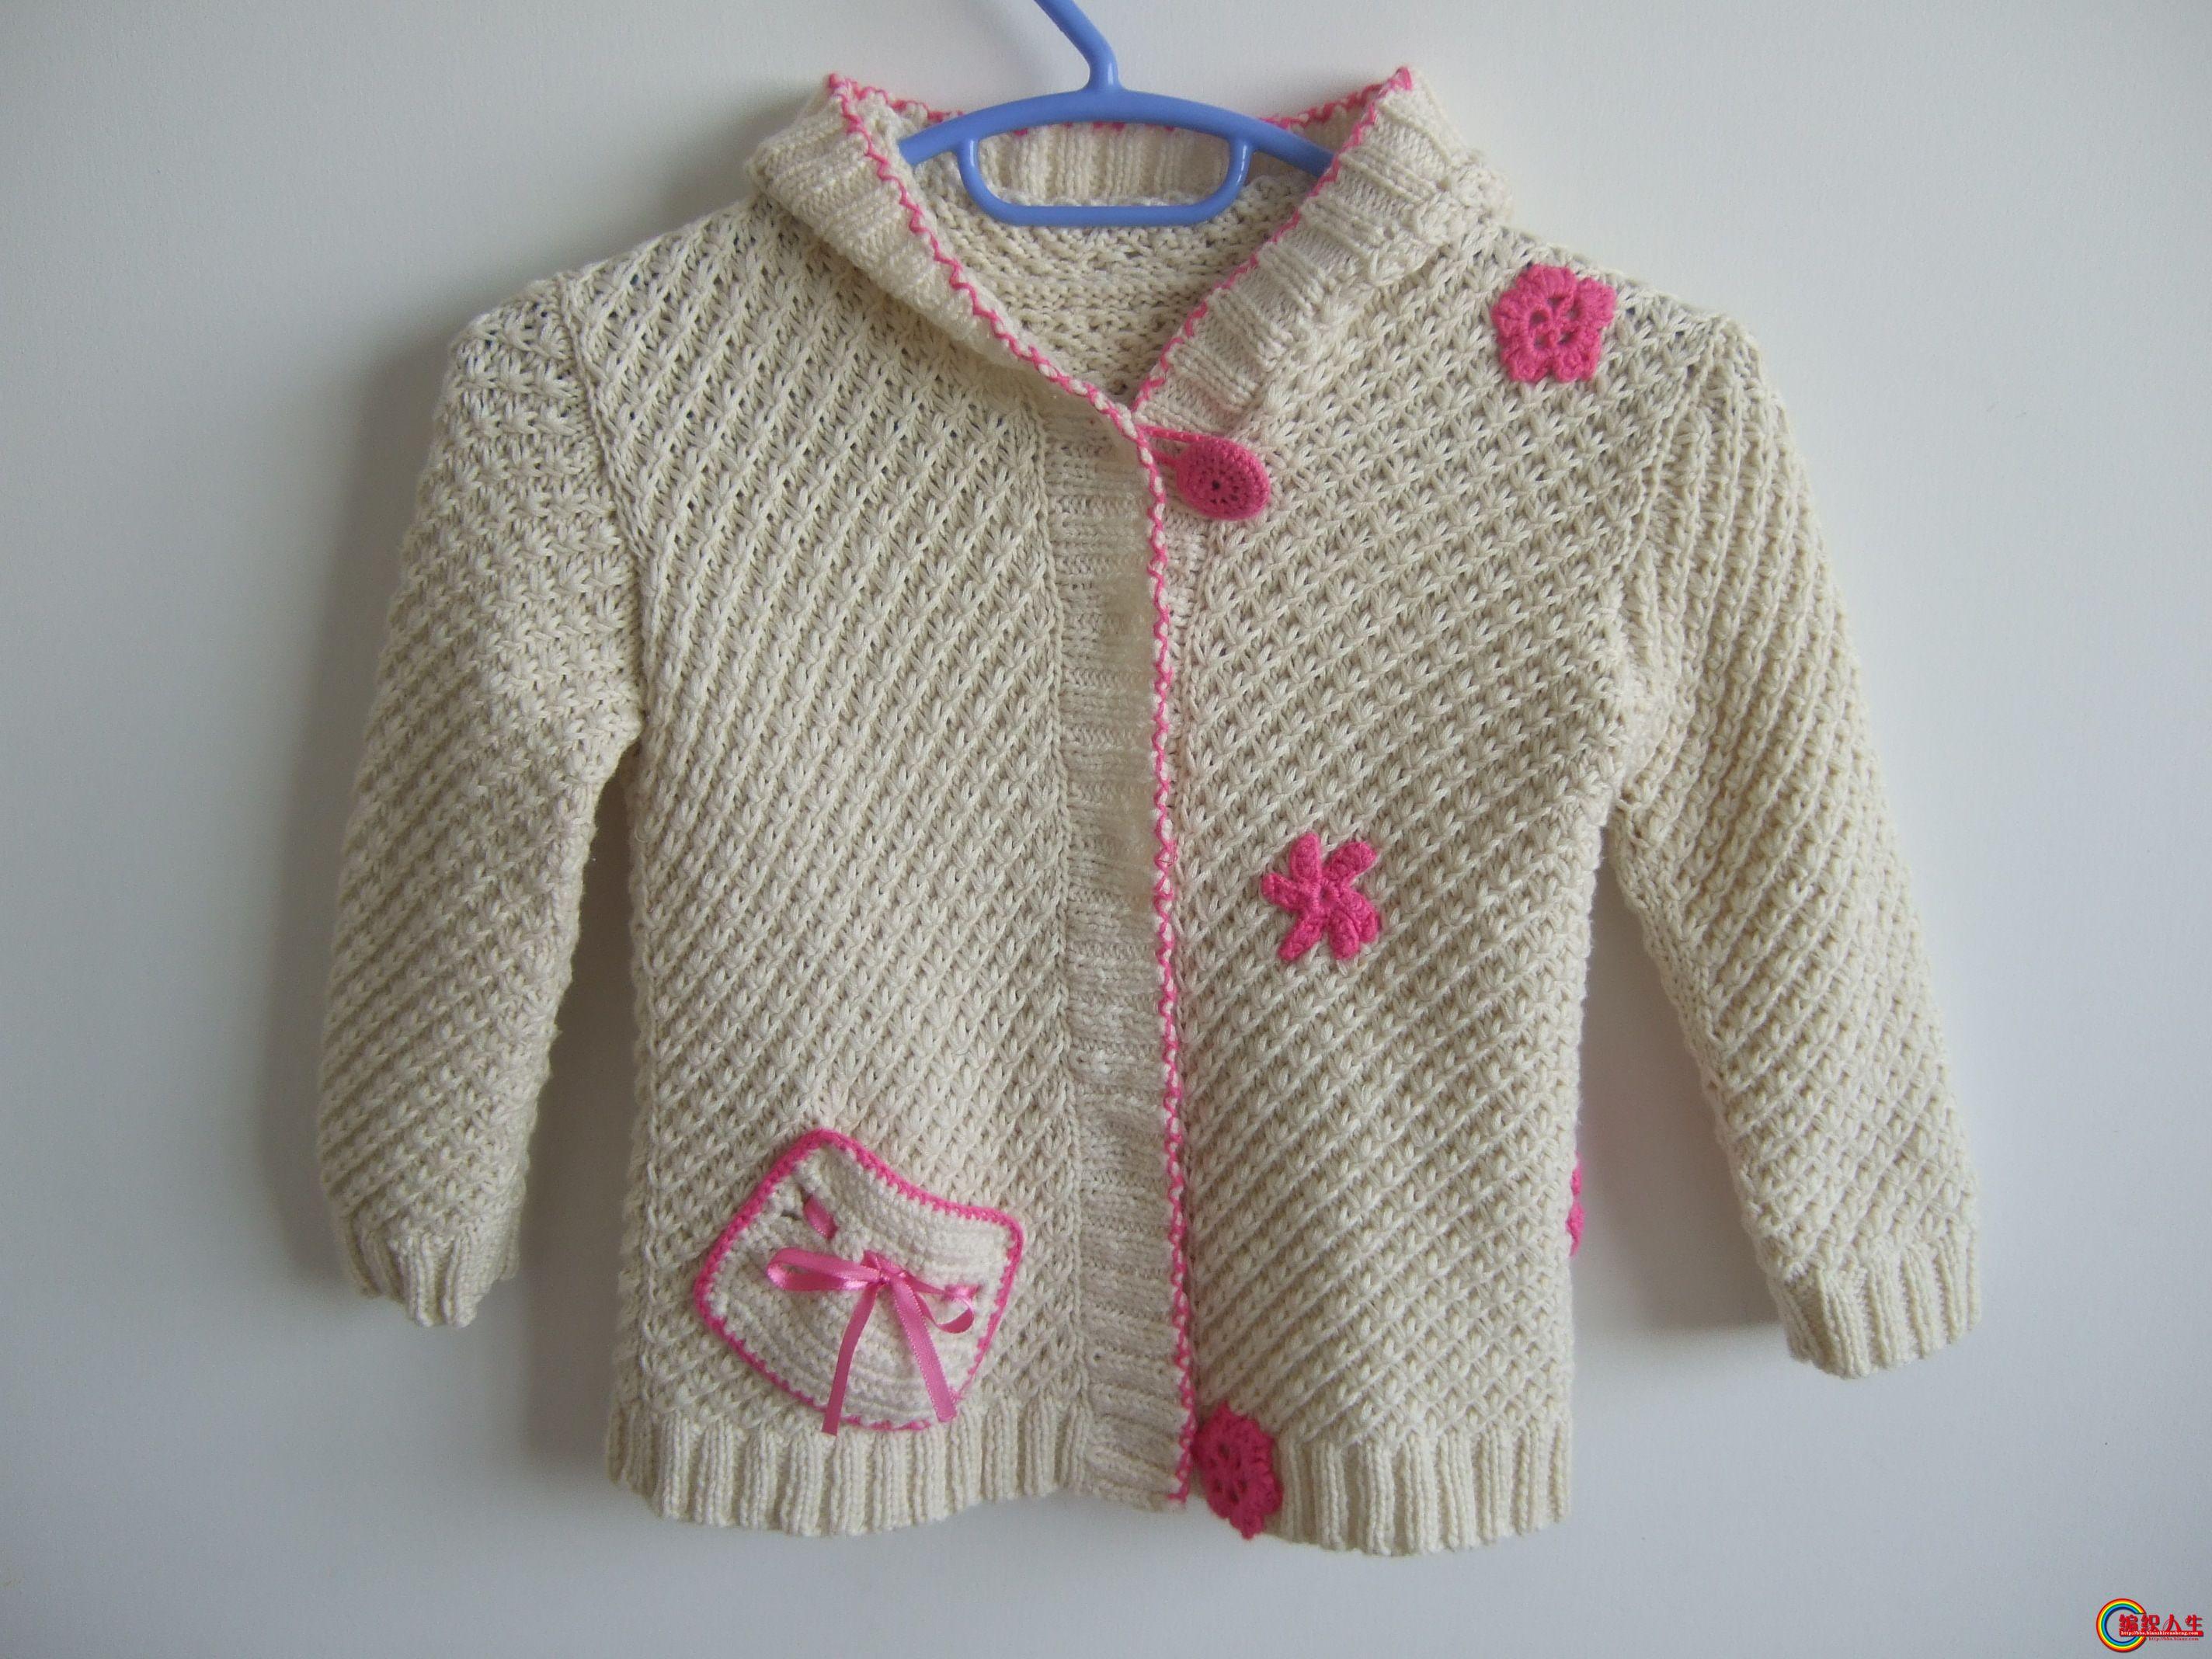 儿童毛衣平绣图案_毛衣装饰图案 - 编织人生